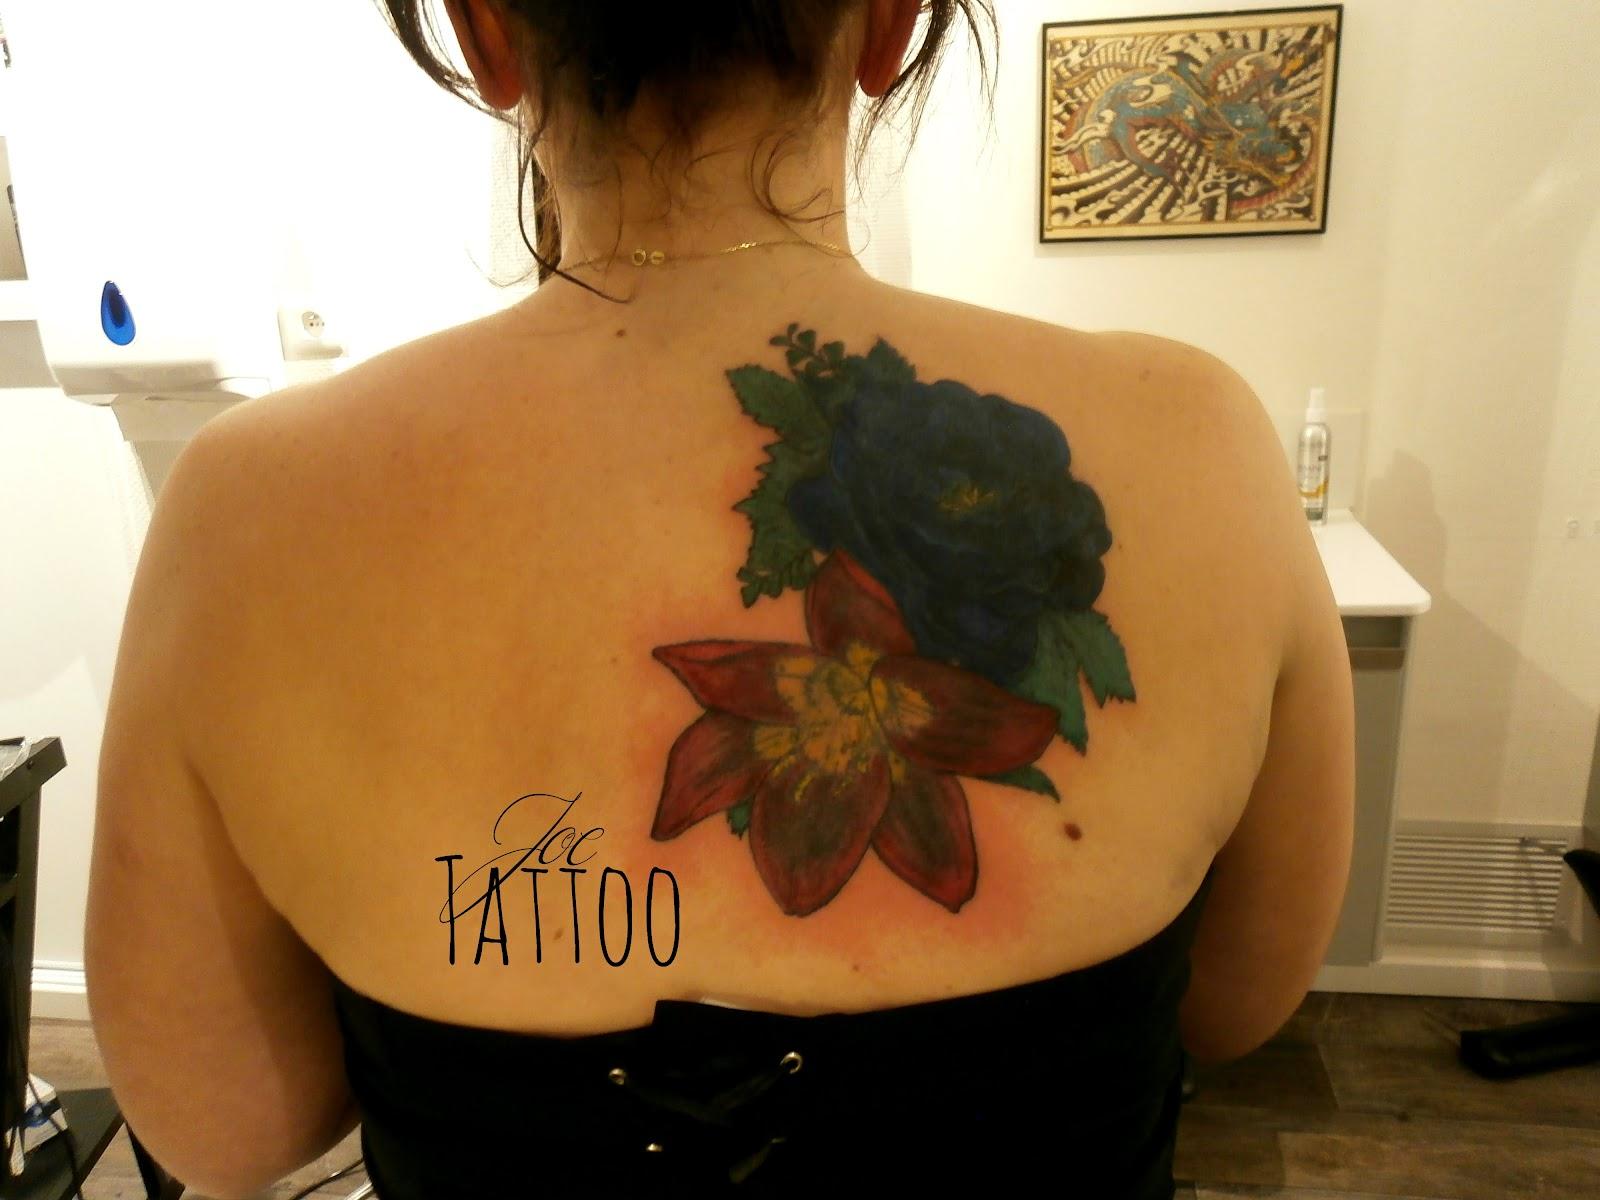 Joe tattoo piercing recouvrement retouches et reprises d for Recouvrement pour galerie